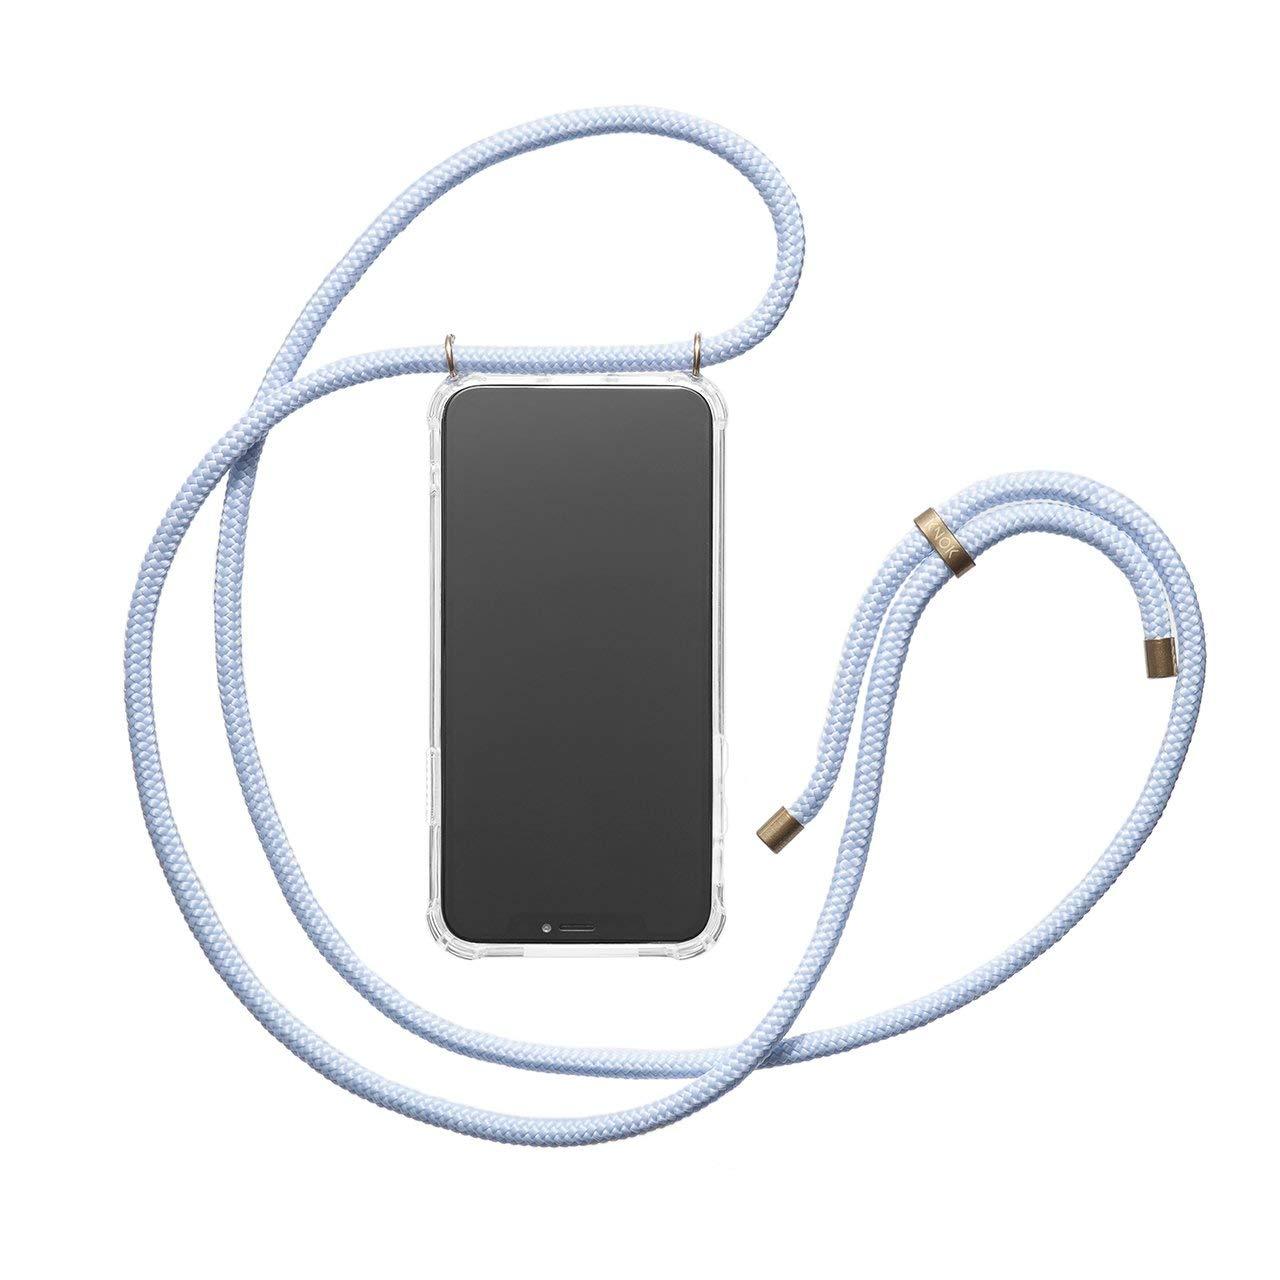 Hecho a Mano en Berlin Case con Cordon para Llevar en el Cuello KNOK Funda Colgante movil con Cuerda para Colgar iPhone 7//8 Plus Carcasa de m/óvil iPhone Samsung Huawei con Correa Colgante